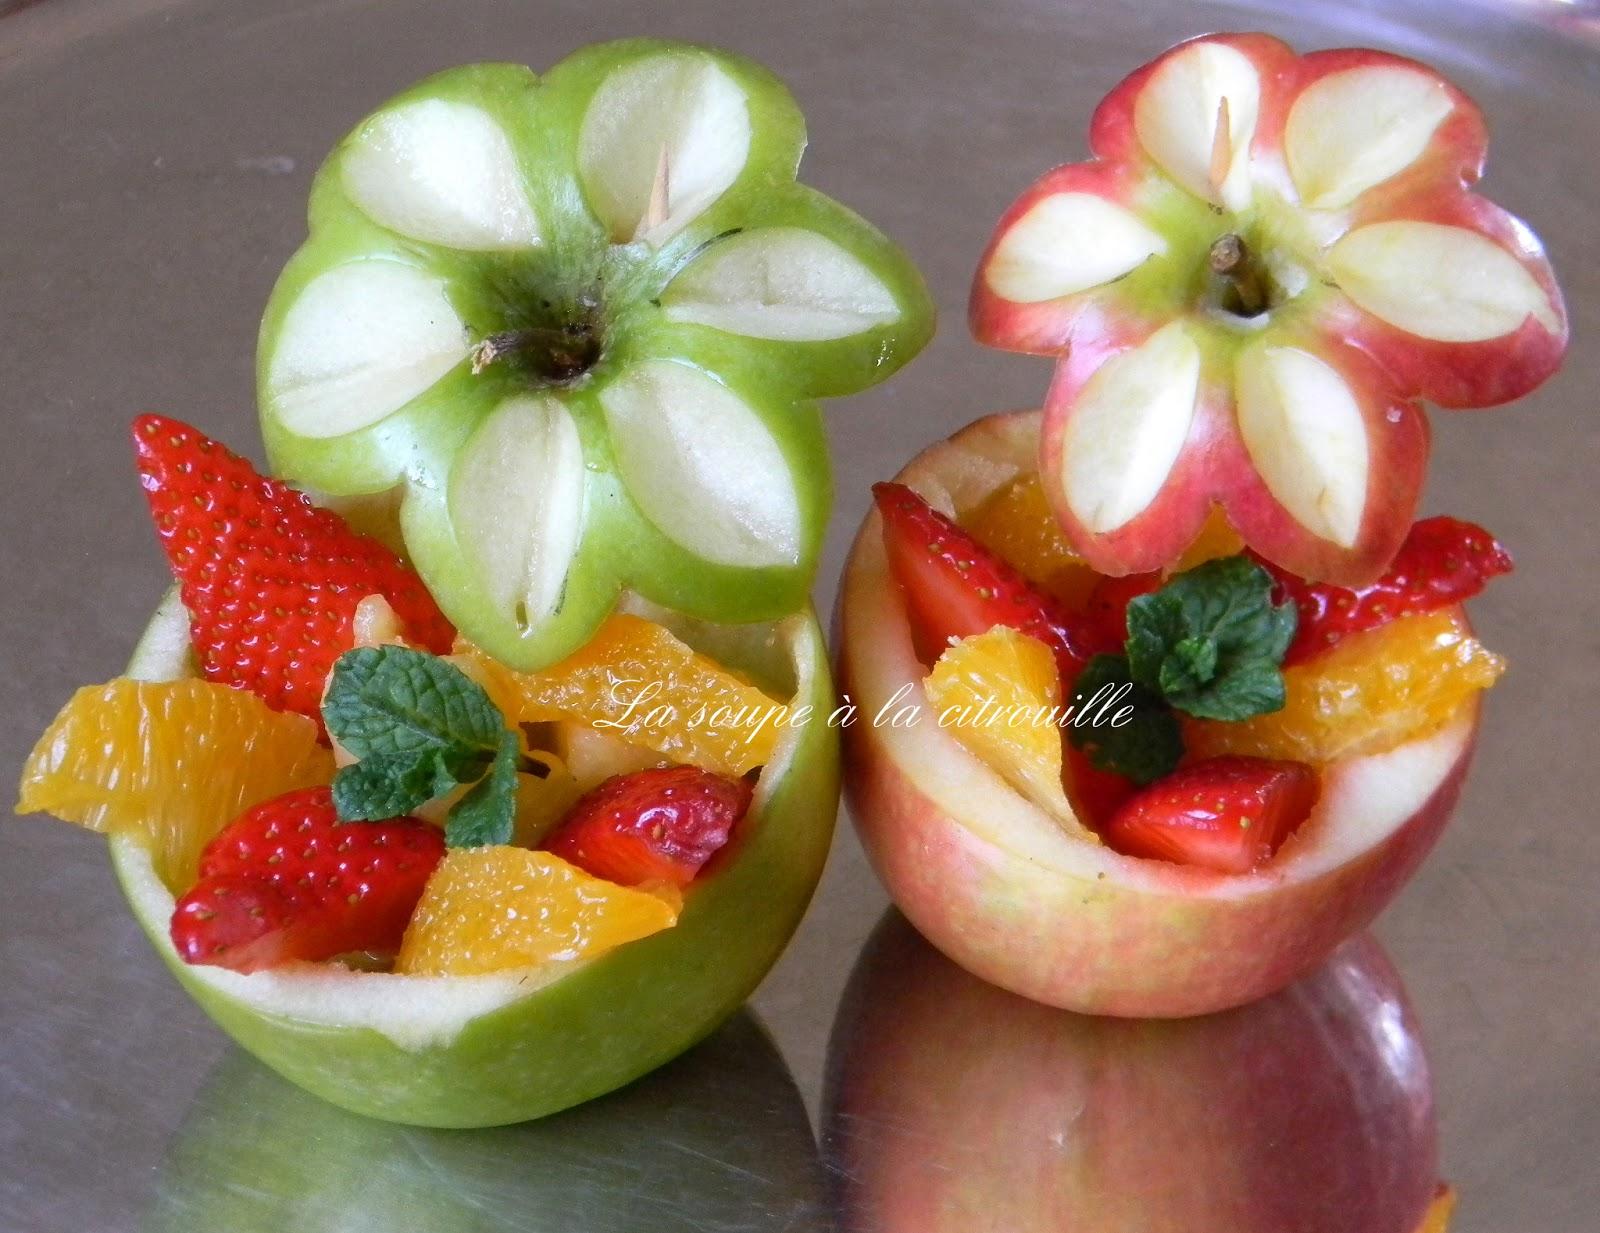 la soupe la citrouille les pommes fleurs